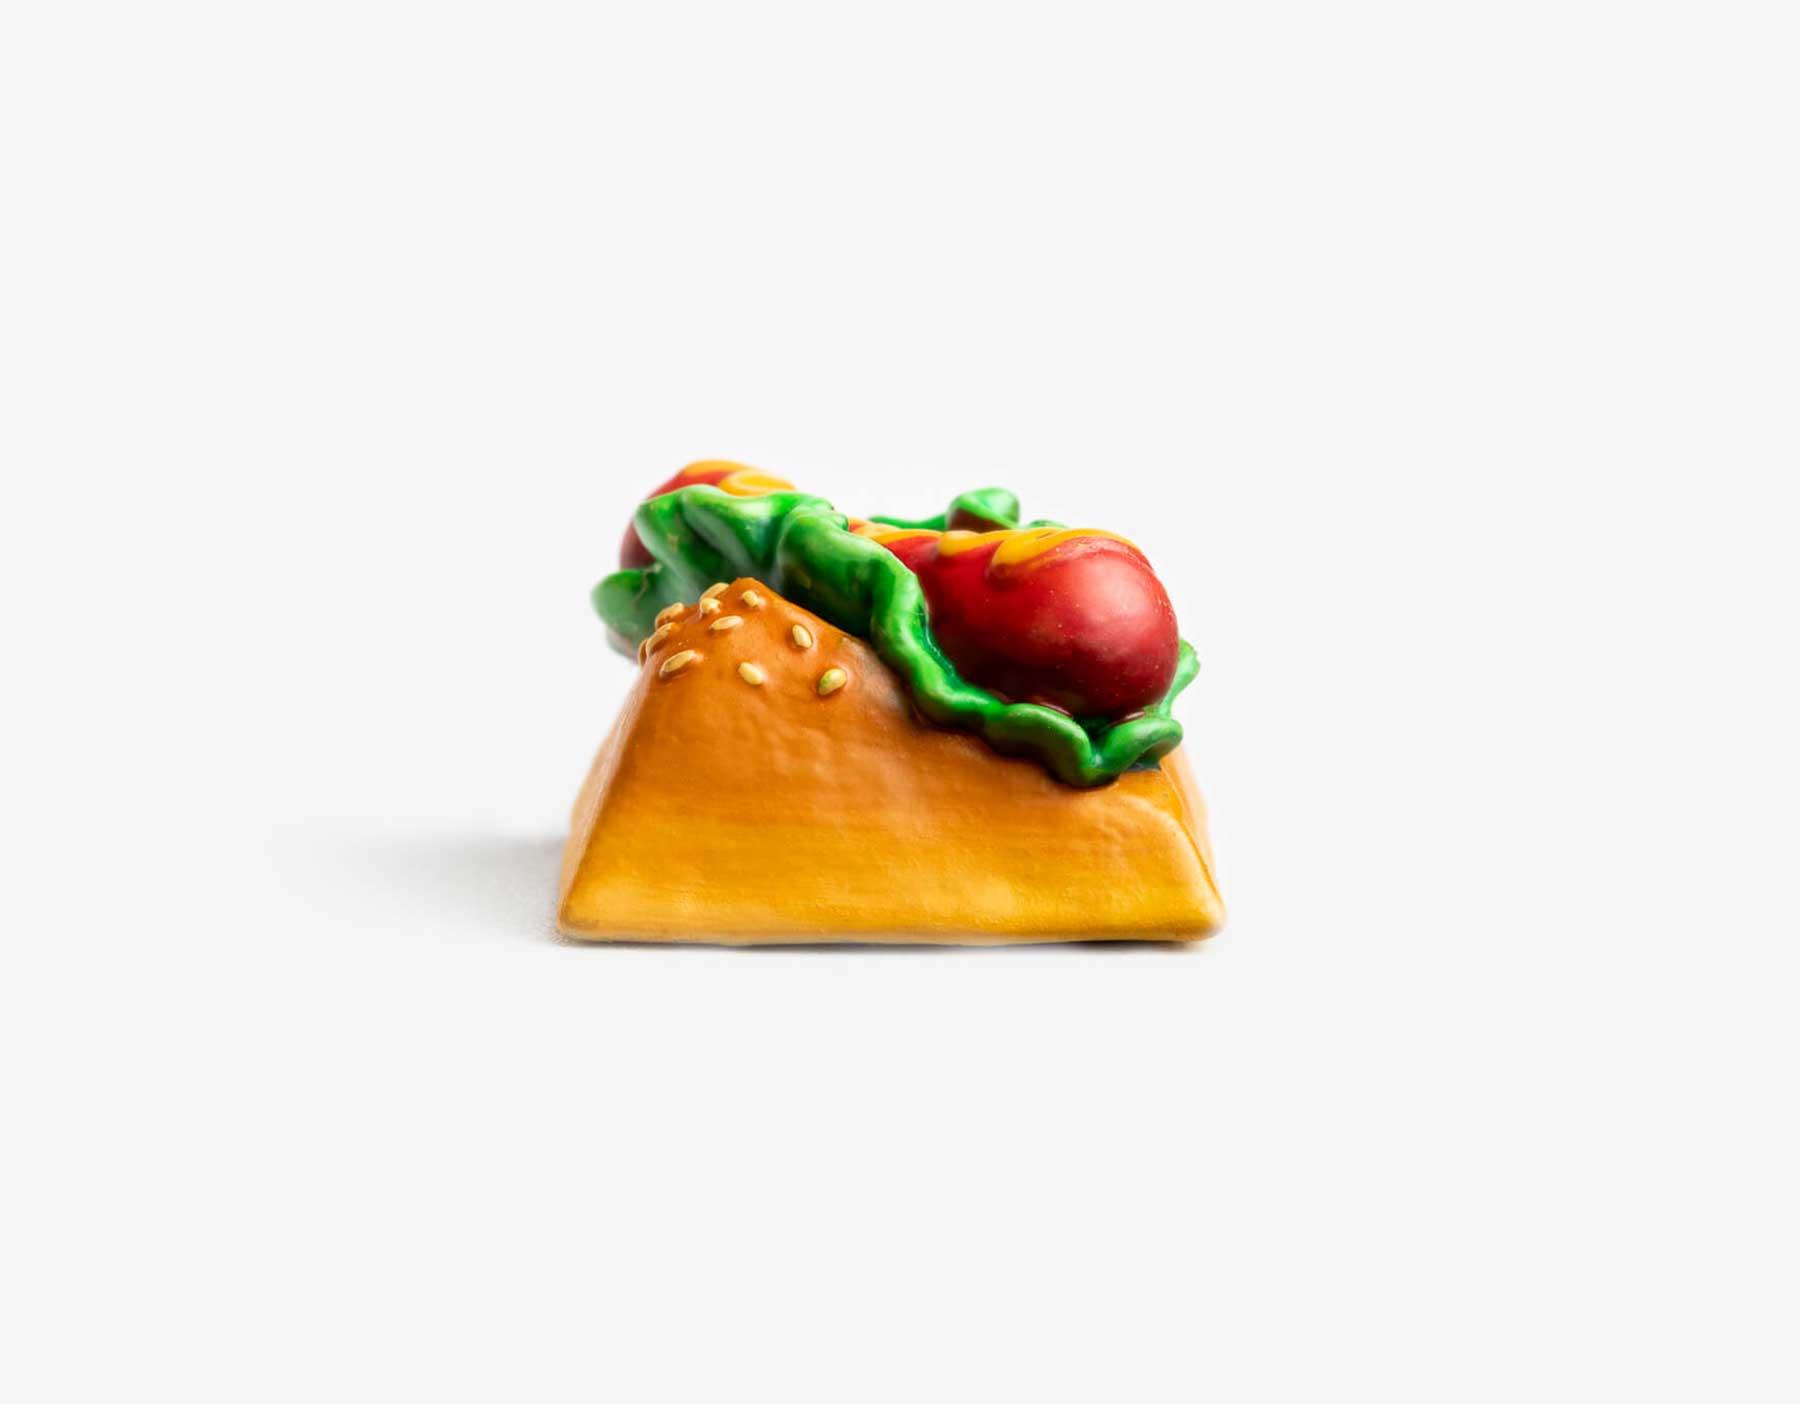 Essens-Tastatur-Tasten foodie-tastaturtasten-keycap_03